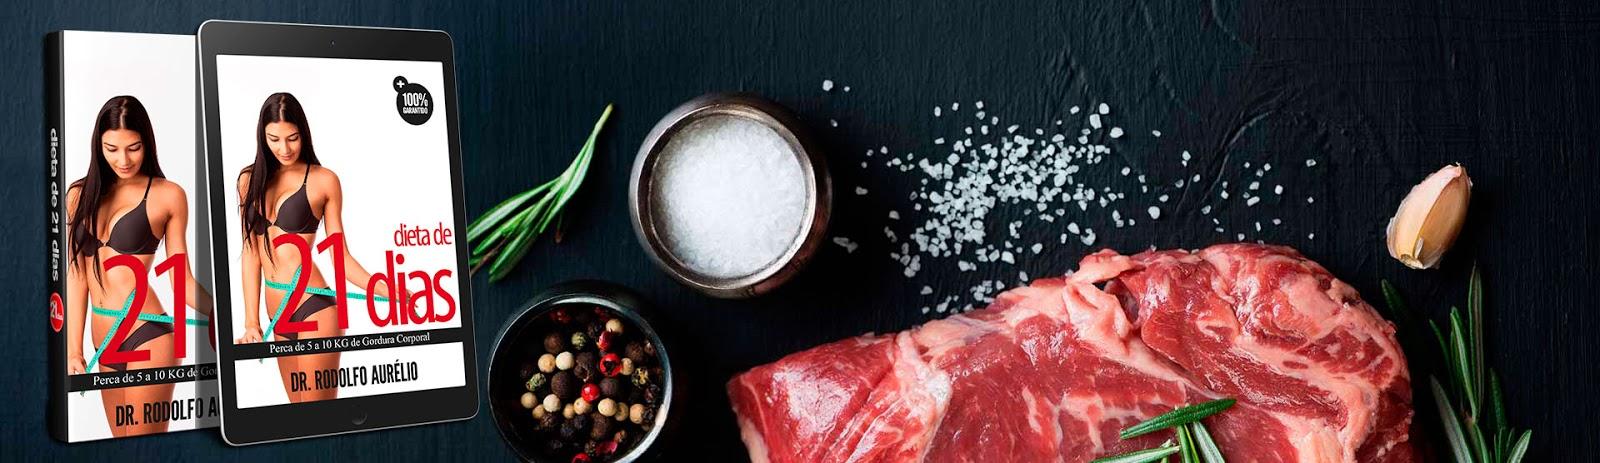 dieta lowcarb e dieta de 21 dias qual é melhor?